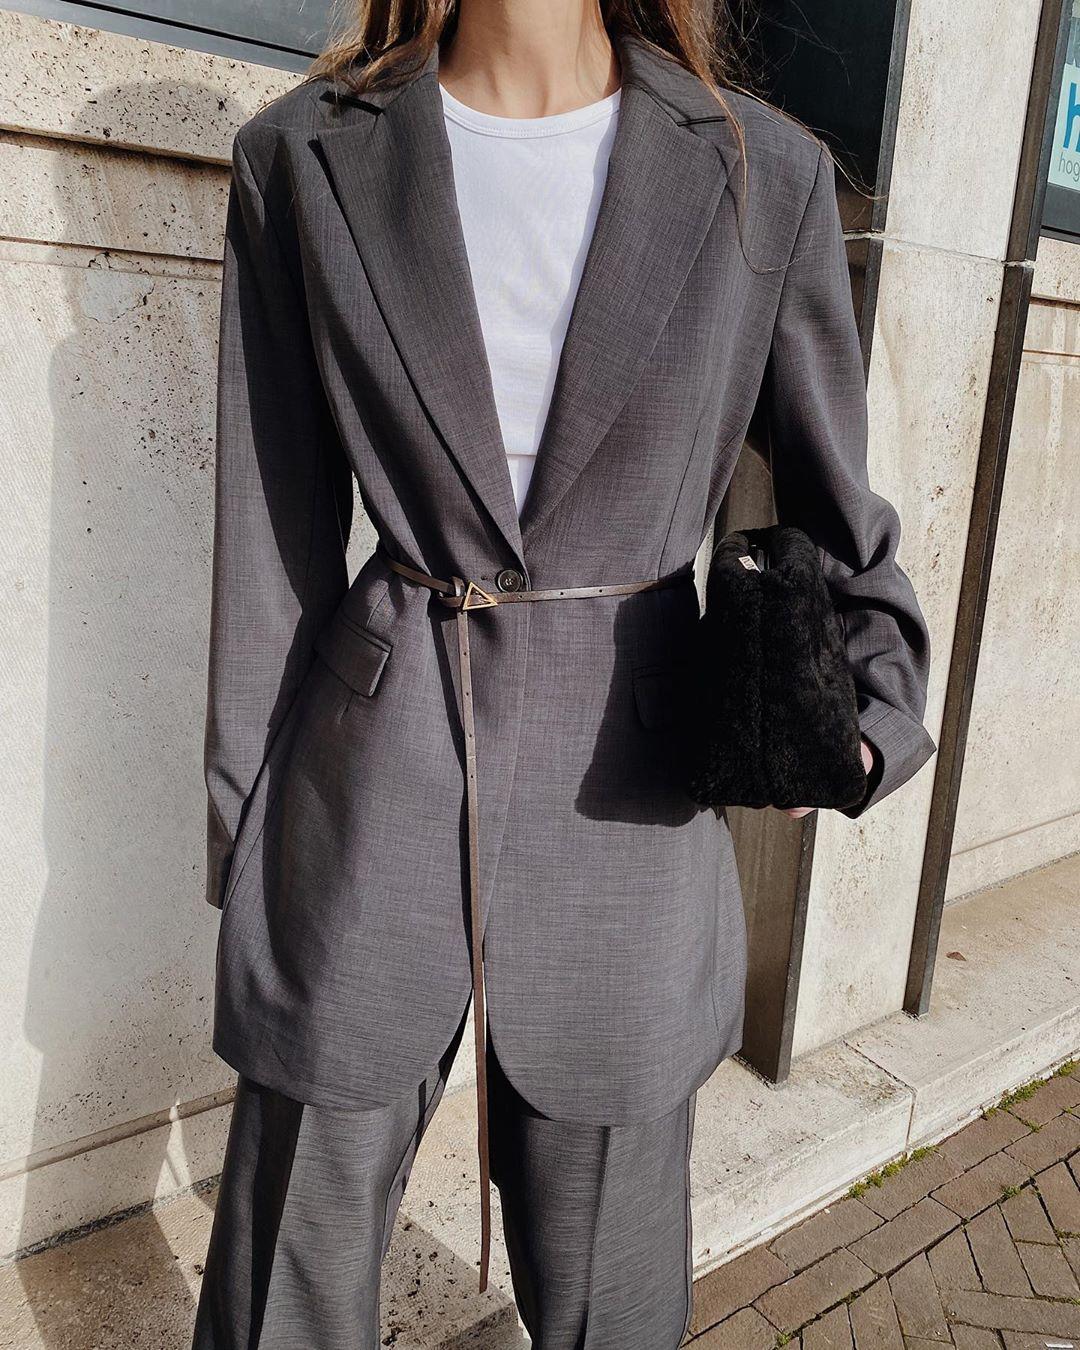 Crop top with blazer @modedamour